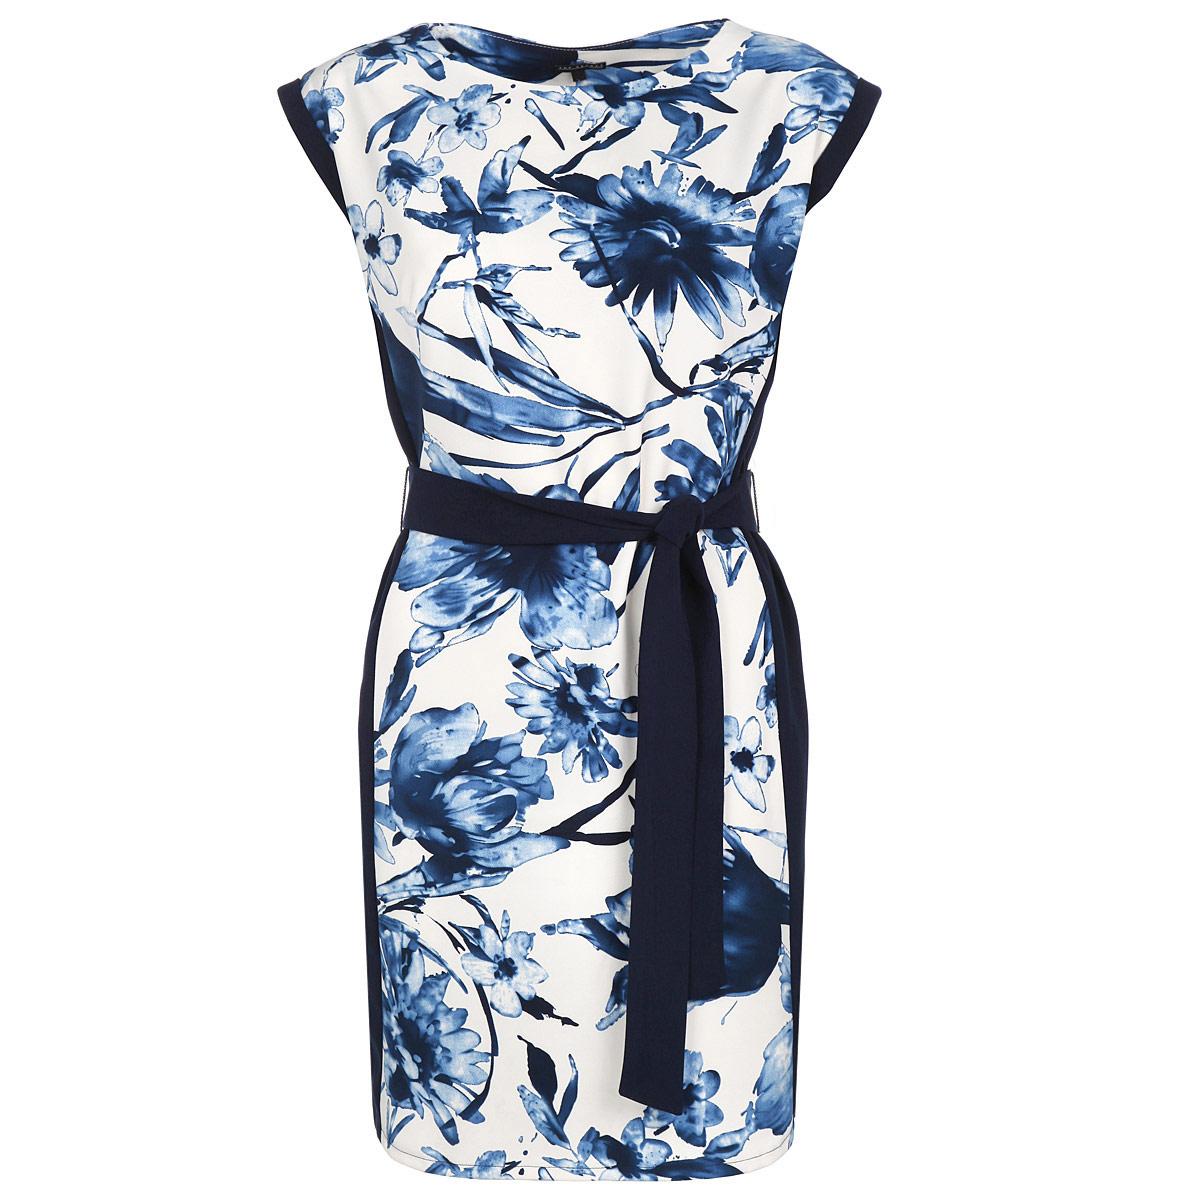 Платье. SSU1415GRSSU1415GRОригинальное платье Top Secret изготовлено из высококачественного материала. Такое платье обеспечит вам комфорт и удобство при носке. Модель с круглым вырезом горловины и короткими рукавами-кимоно выгодно подчеркнет все достоинства вашей фигуры благодаря приталенному силуэту. Платье дополнено текстильным поясом. Изысканное платье-миди, оформленное красочным цветочным принтом, создаст обворожительный неповторимый образ. Это модное и удобное платье станет превосходным дополнением к вашему гардеробу, оно подарит вам удобство и поможет вам подчеркнуть свой вкус и неповторимый стиль.